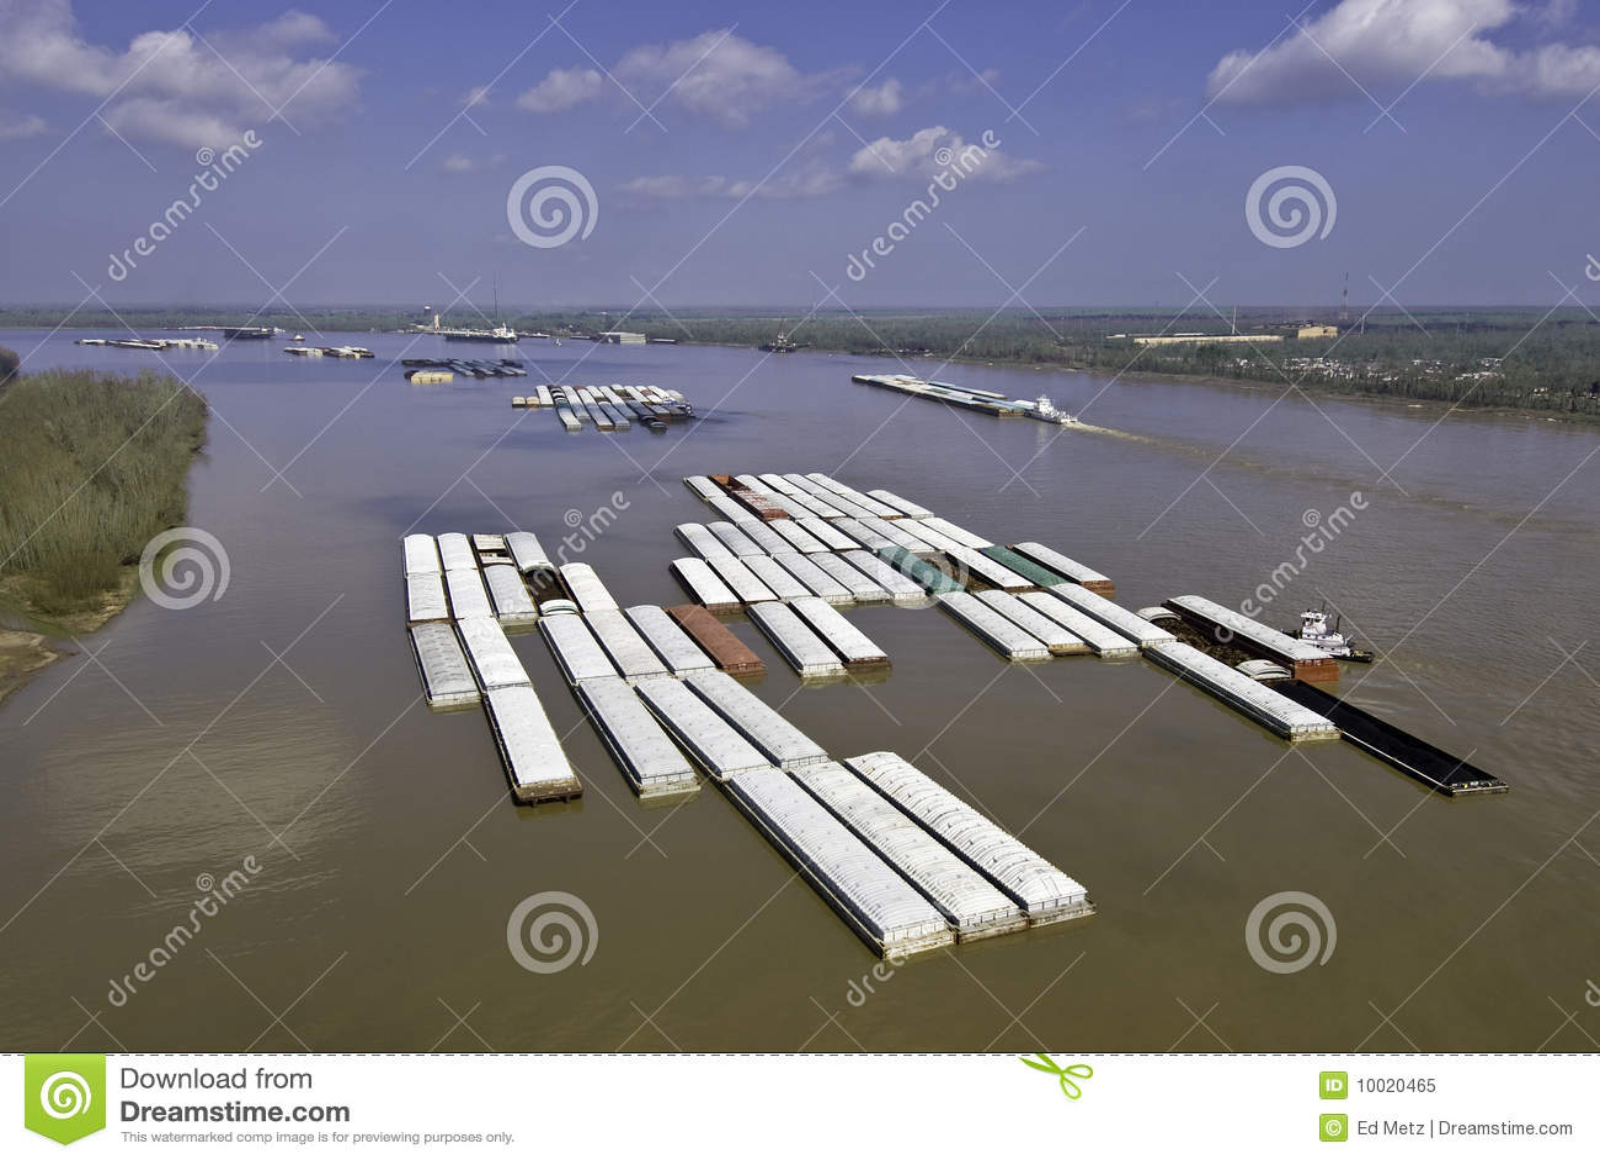 Remorquages de chaland sur le Fleuve Mississippi